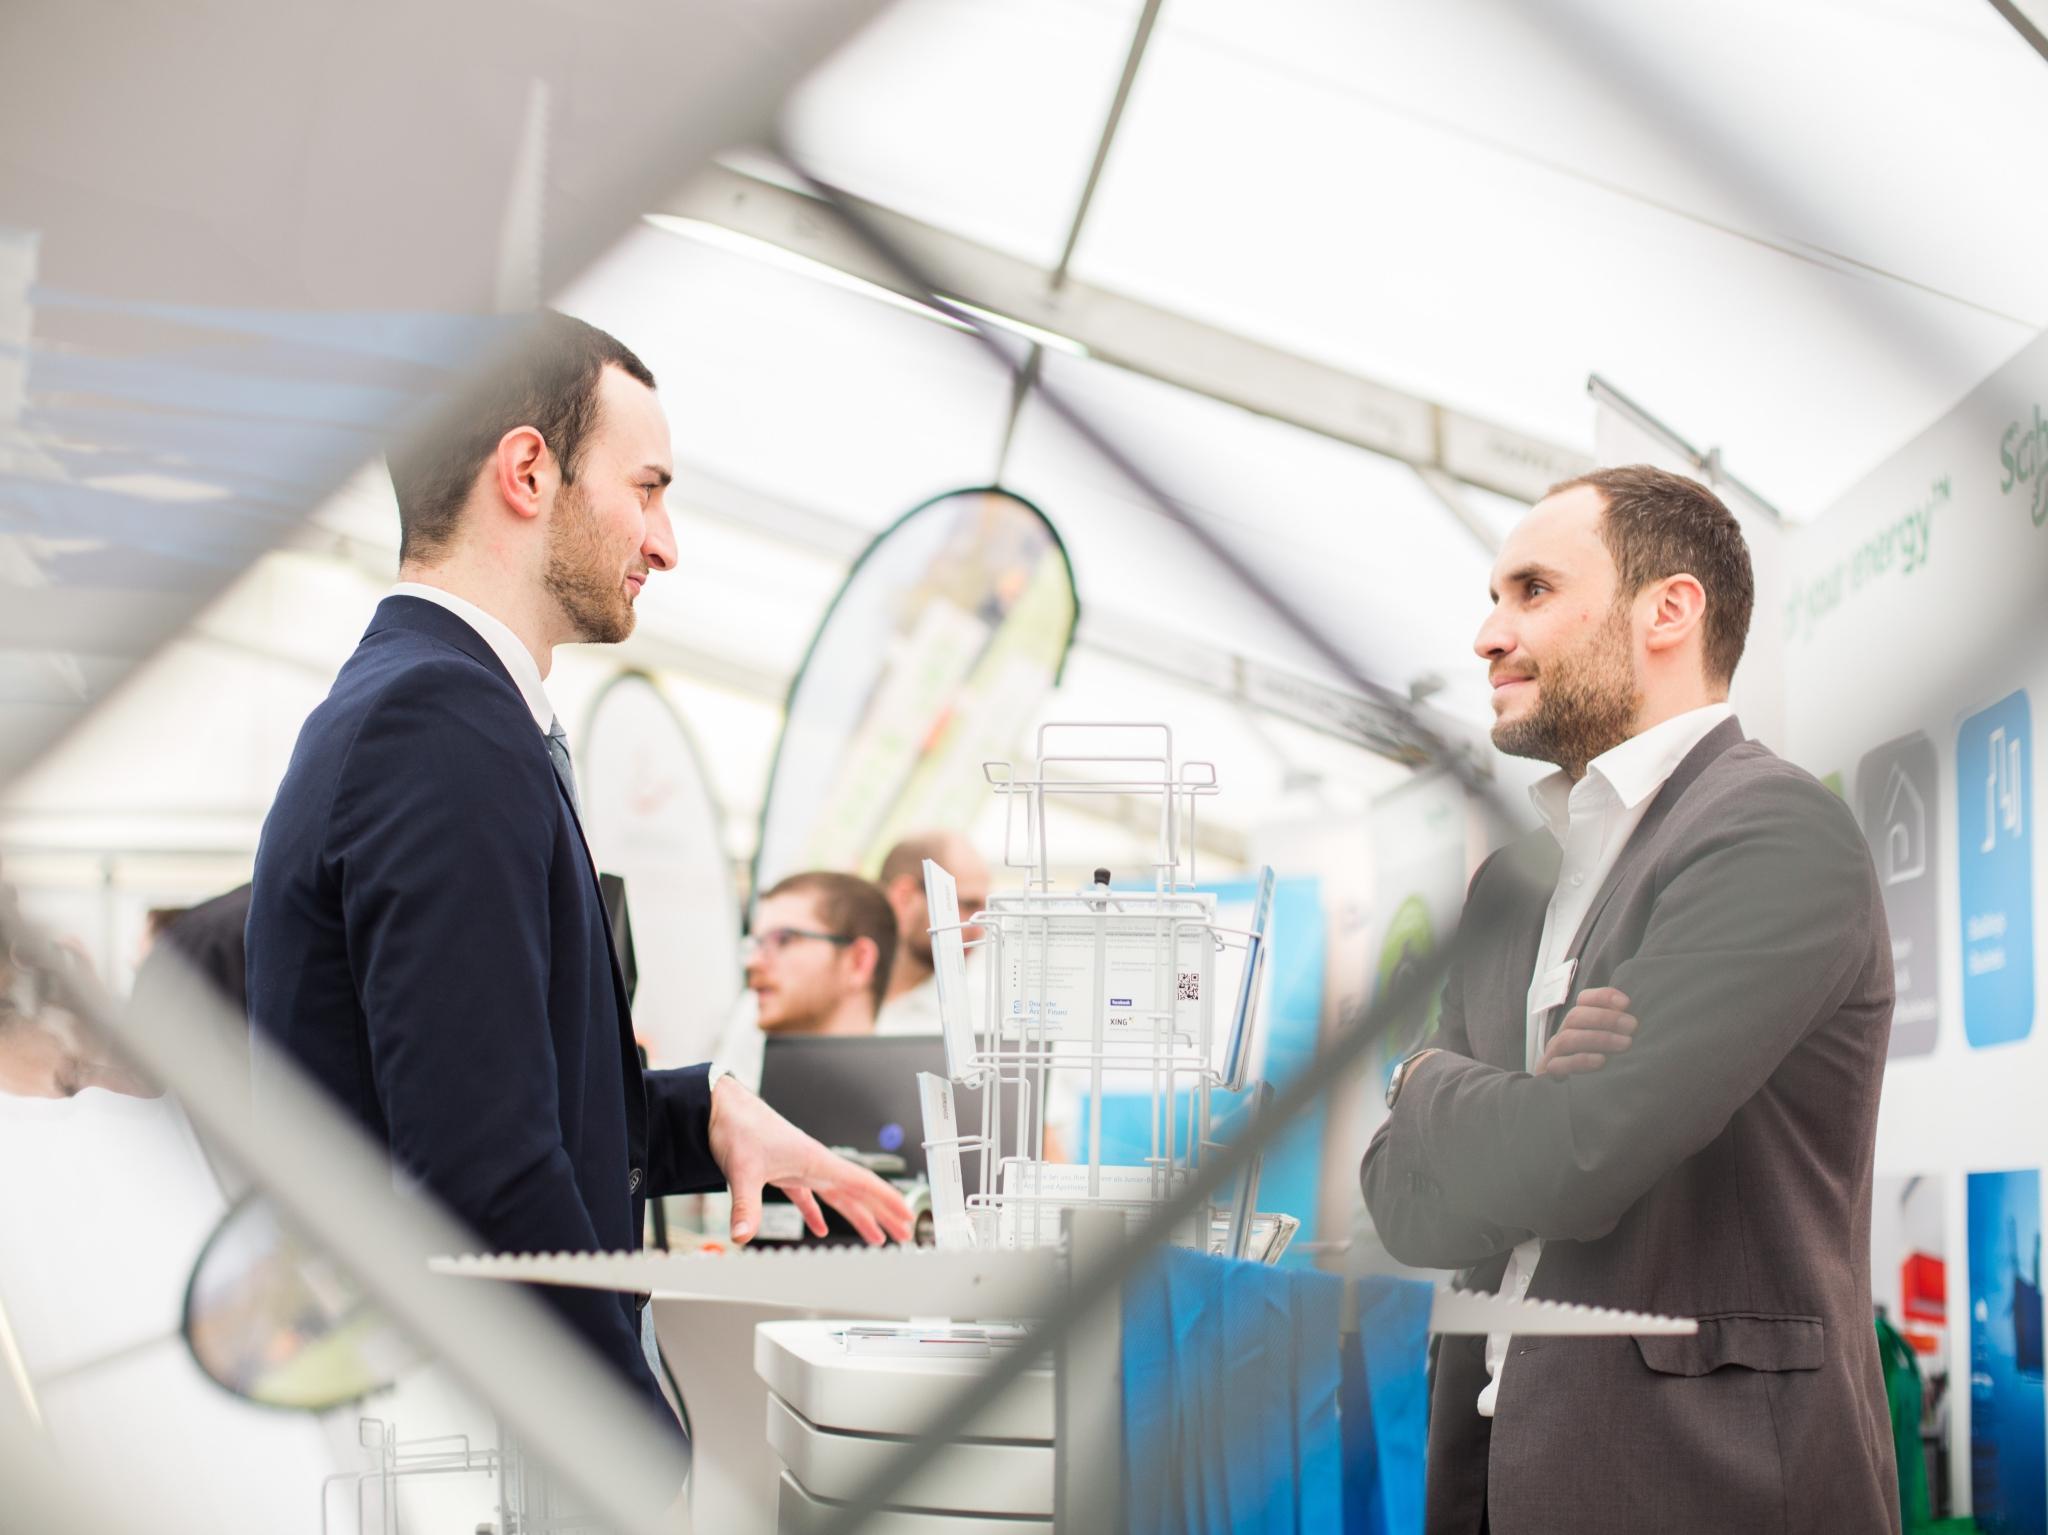 Am 14. November 2019 findet auf dem Hubland Süd Campus die Jobmesse study&stay statt. Foto: Universität Würzburg GmbH